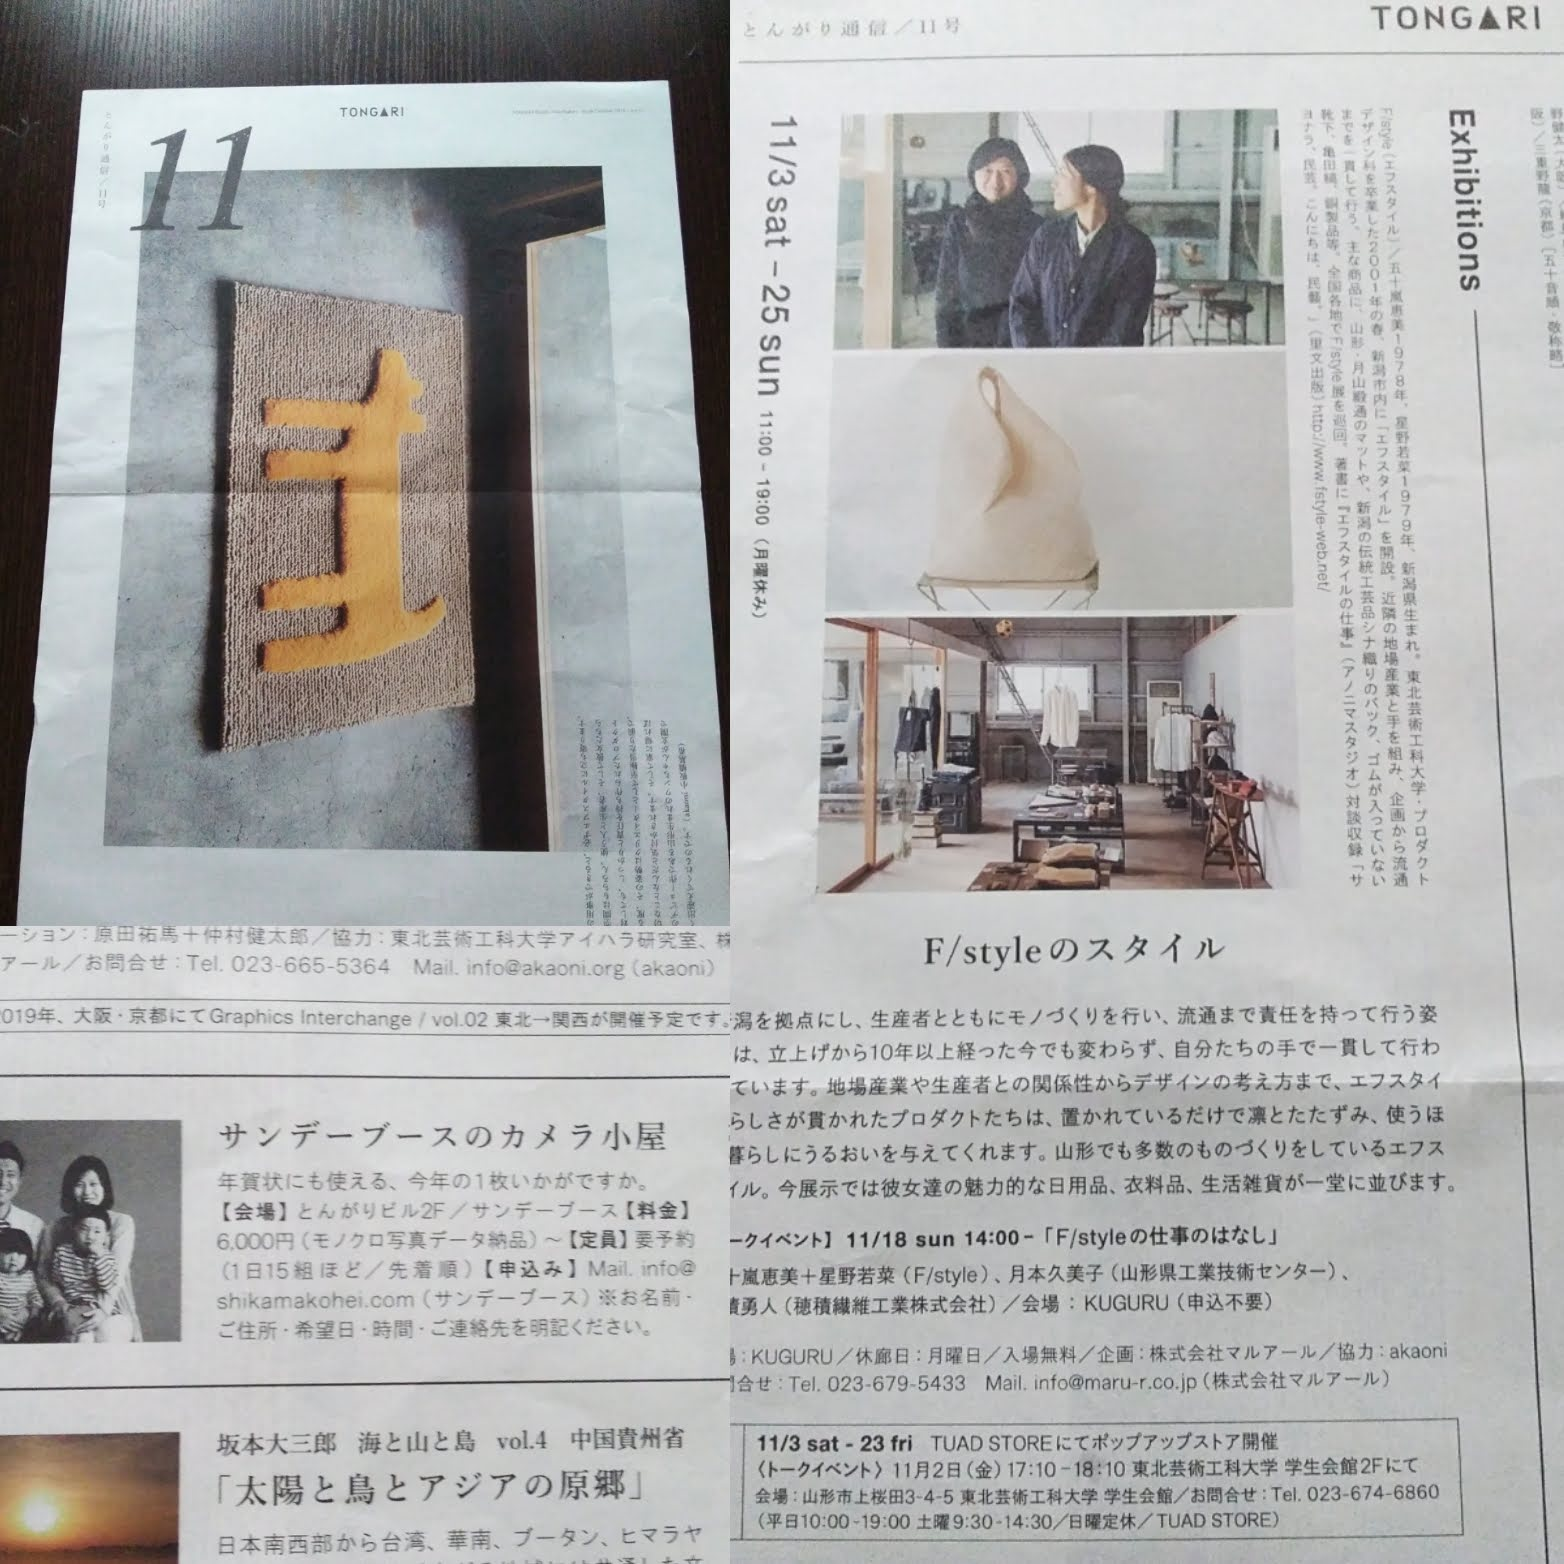 http://hozumi-rug.com/news/tongari/F%3Astyle%E3%81%AE%E3%82%B9%E3%82%BF%E3%82%A4%E3%83%AB.jpg